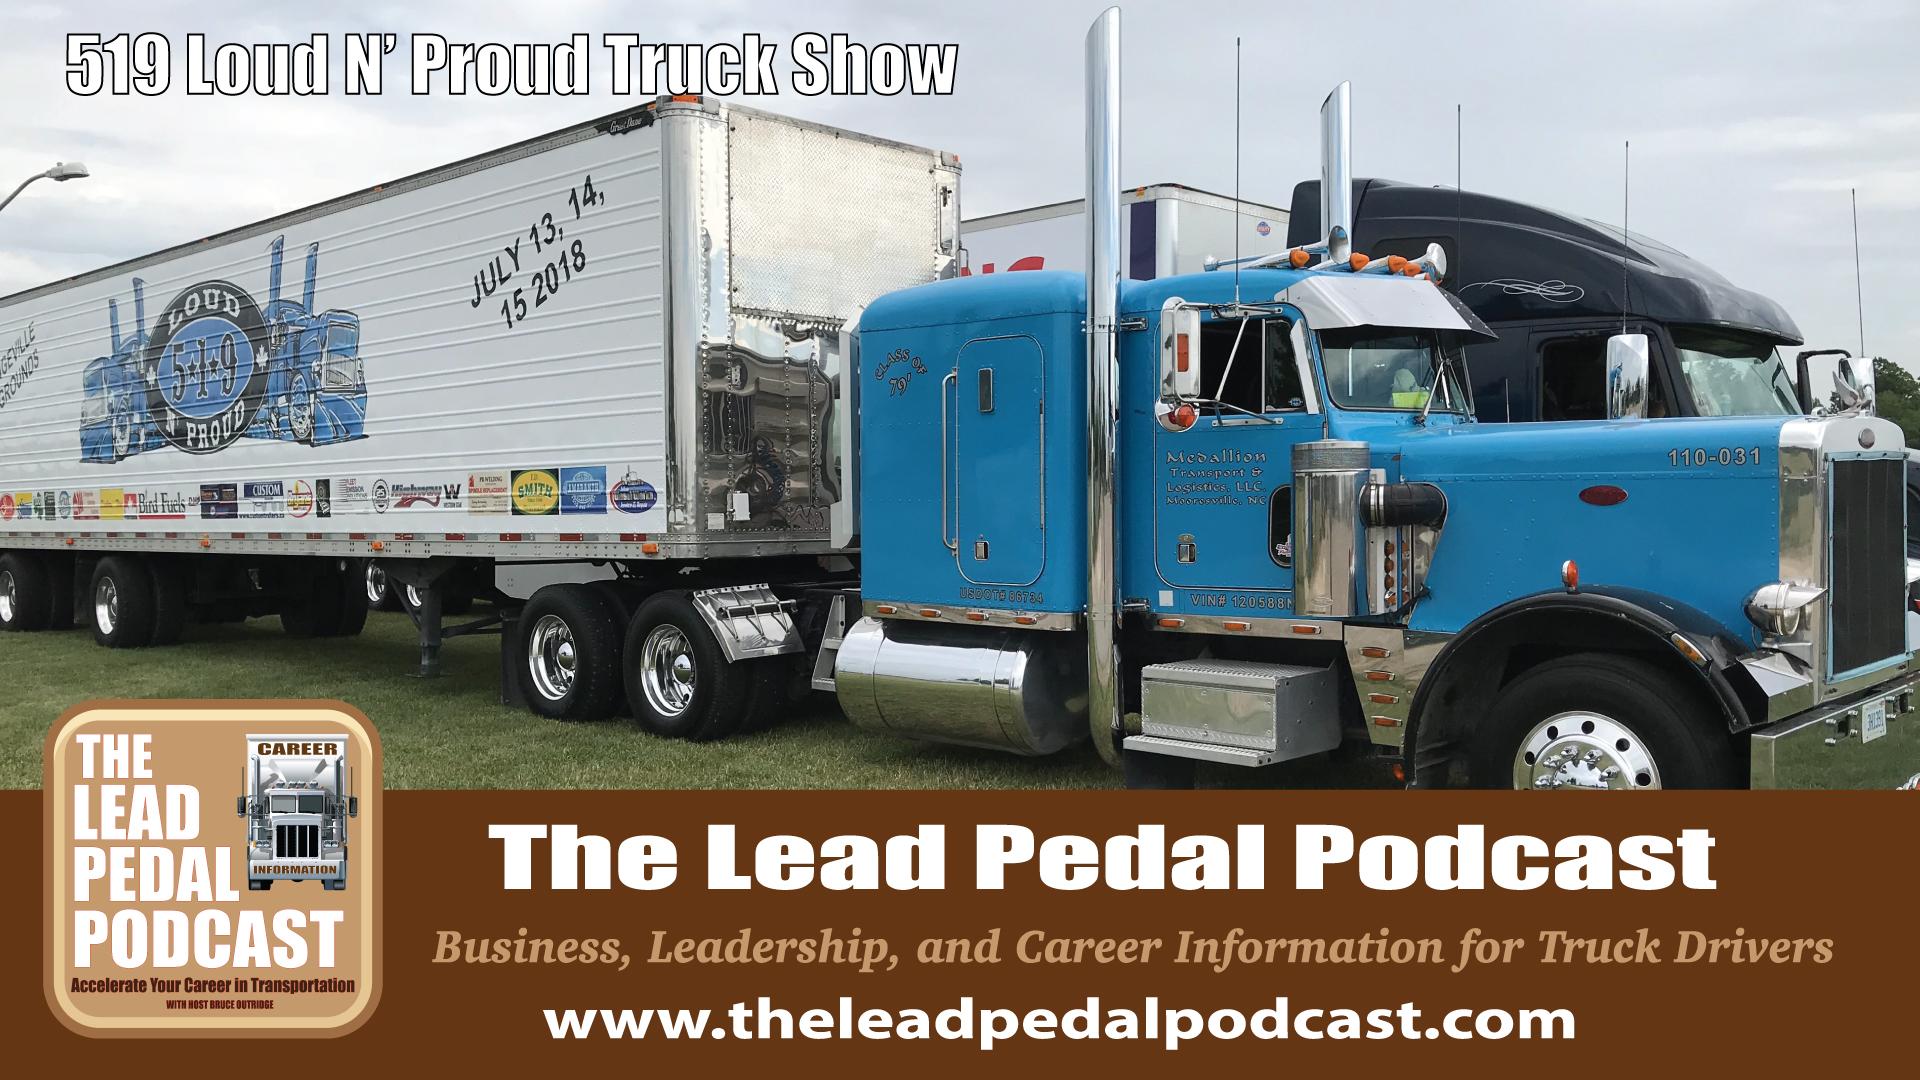 519 Loud N Proud Truck Show